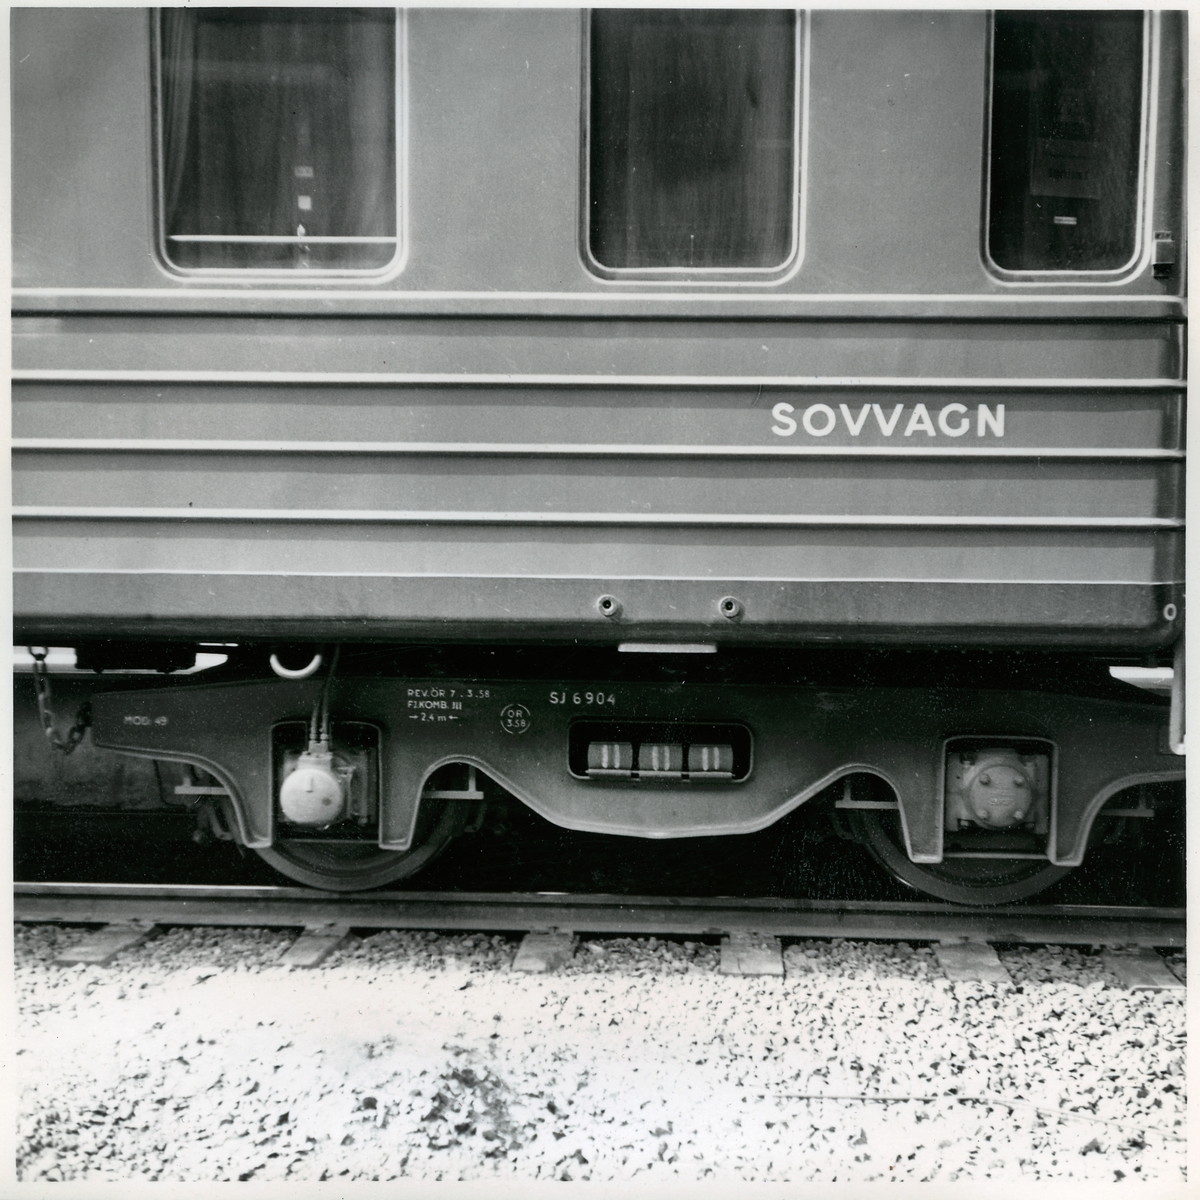 Detaljbild på boggi till en sovvagn. Statens Järnvägar, SJ boggi 6904.